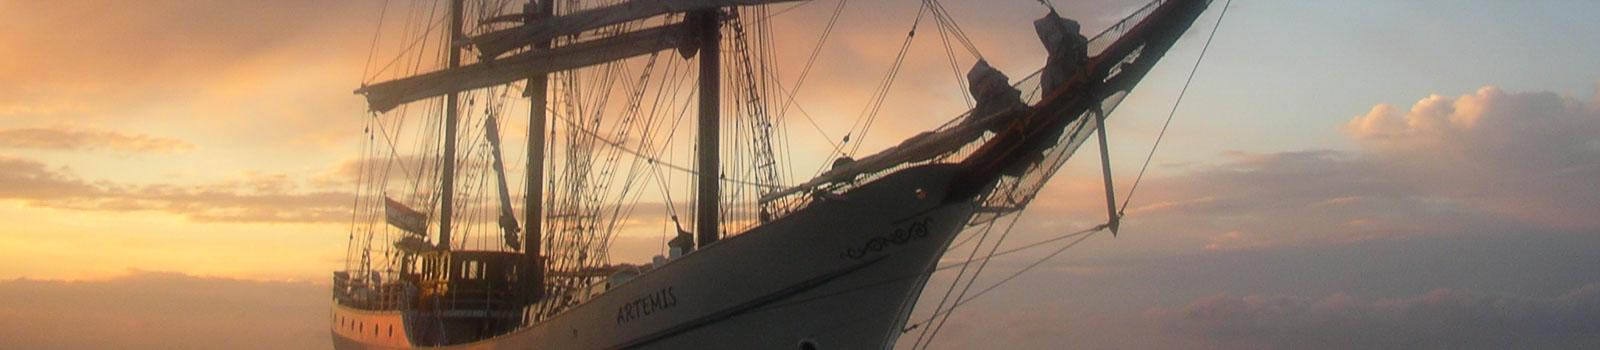 Segeltörn Traditionssegler zeigt Artemis im Sonnenuntergang